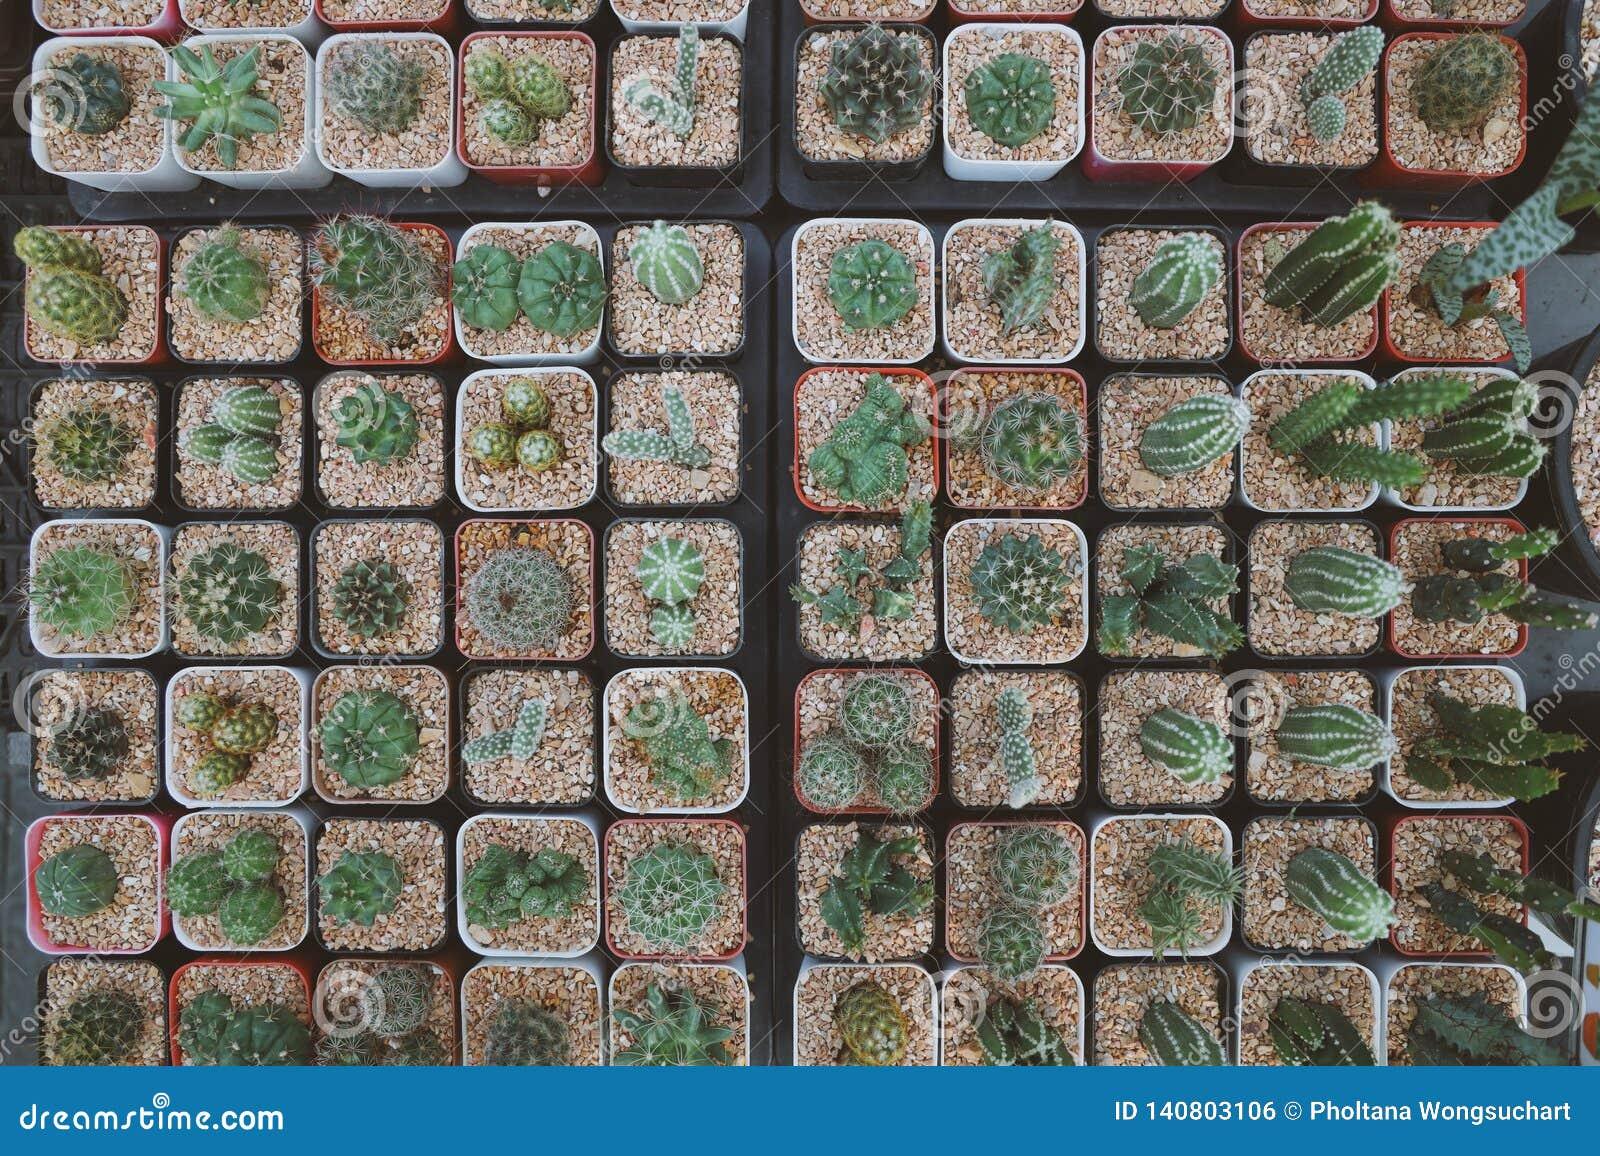 Os potenciômetros na forma quadrada, puseram muitas plantas do cacto em uns potenciômetros